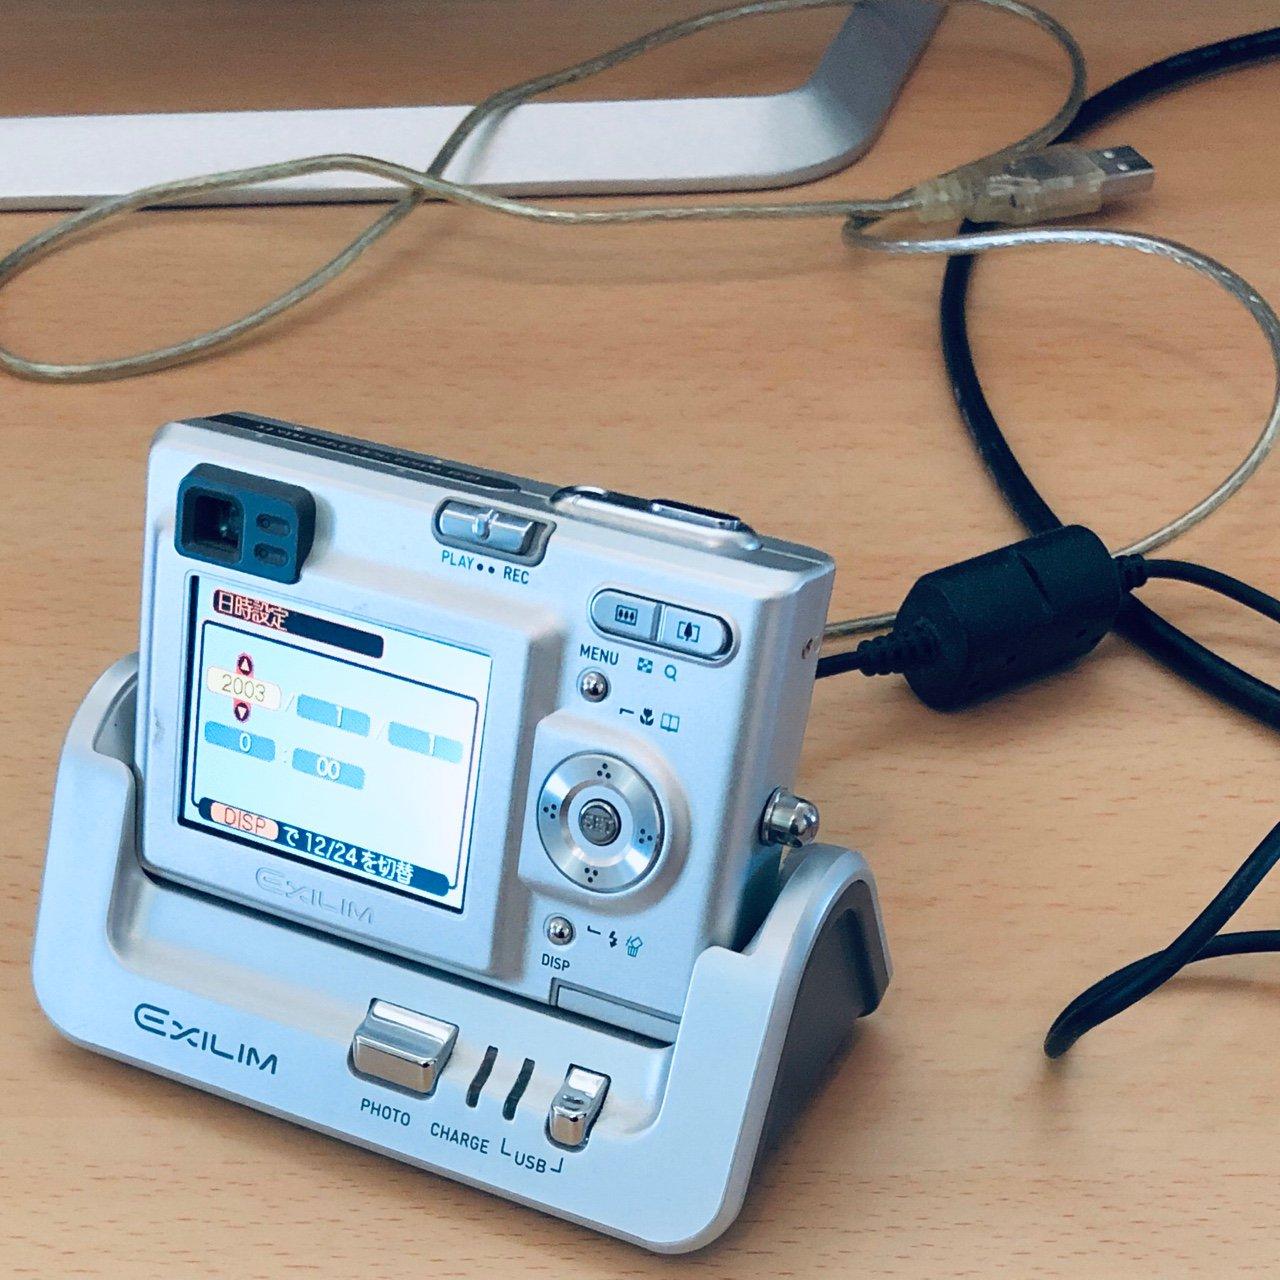 2003年に購入した320万画素のデジタルカメラ CASIO EXILIM EX-Z3 さすがにもう使いみちがない。いま自分がメインで使っているスマートフォン iPhone X は1200万画素らしい。 https://t.co/mRX8VygtB0